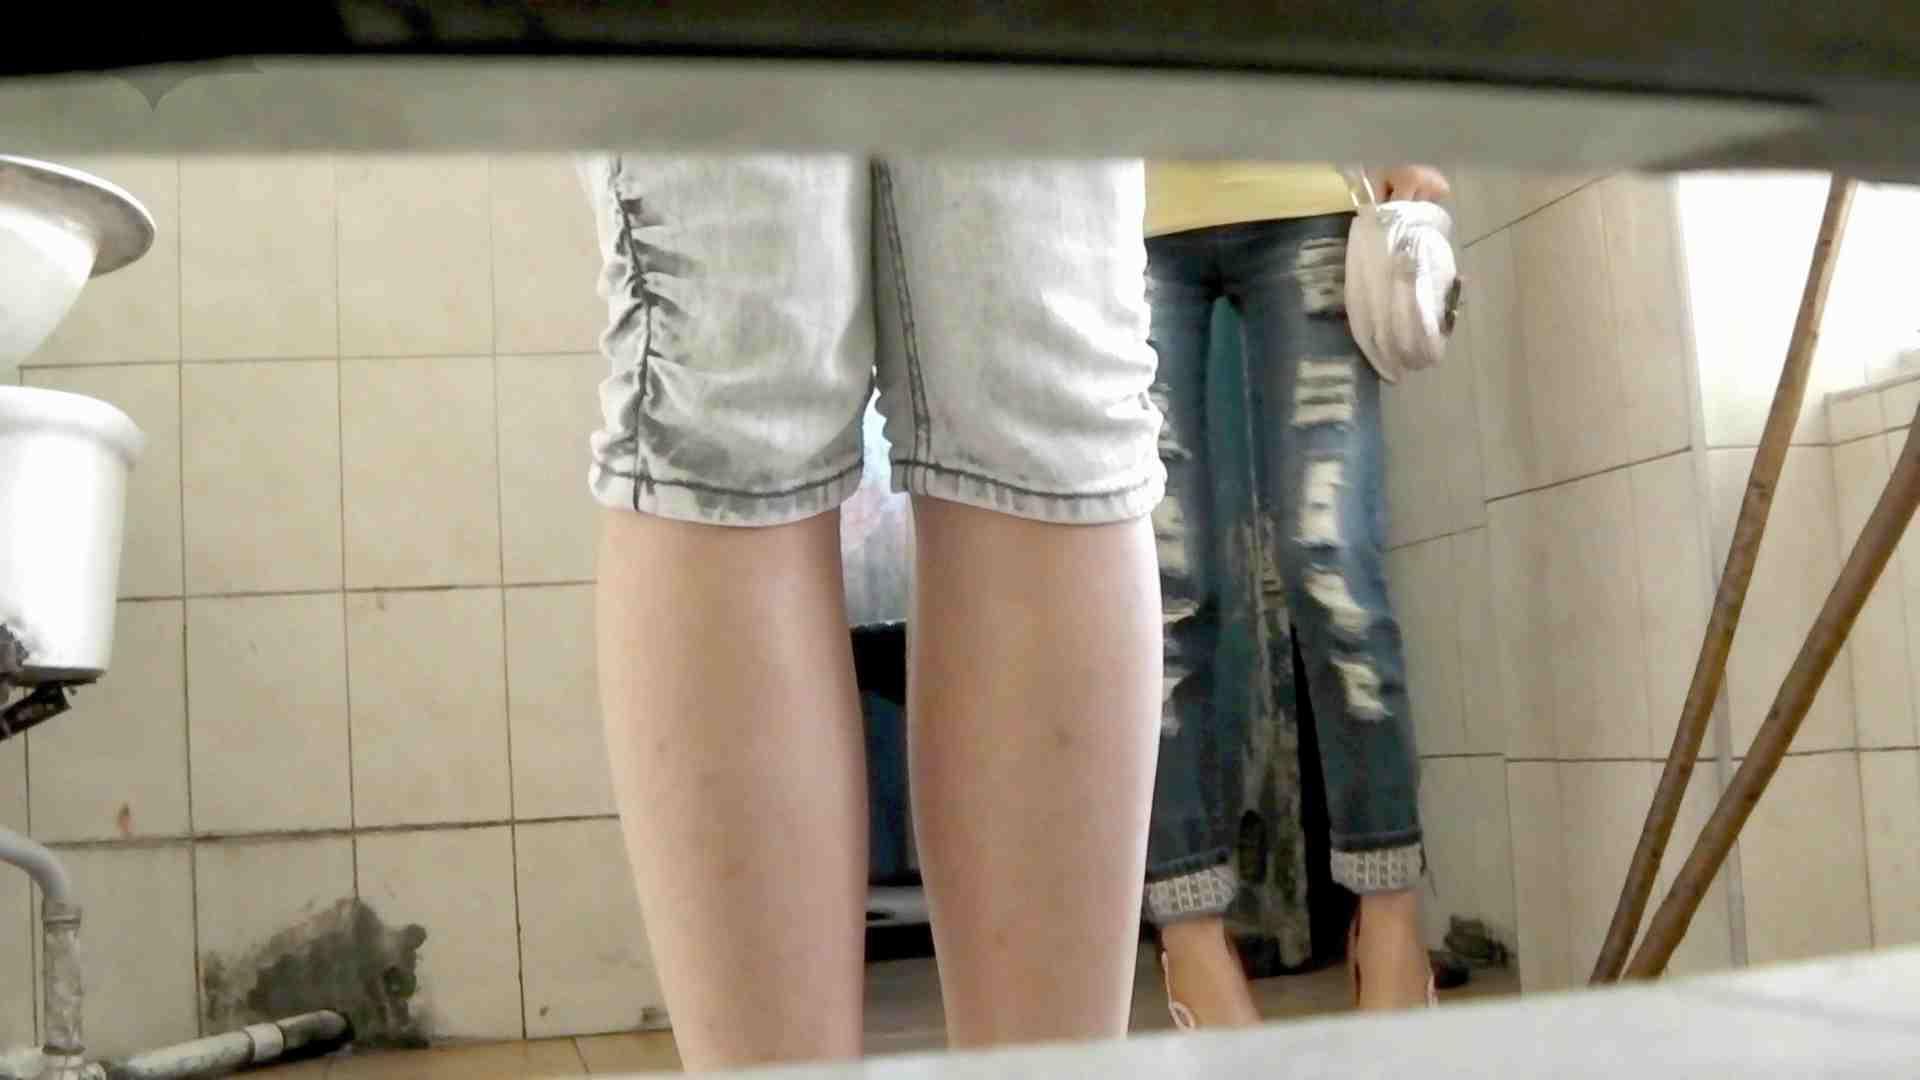 ステーション編 vol.28 無料動画に登場したモデルつい本番登場!! 洗面所のぞき AV動画キャプチャ 99枚 52